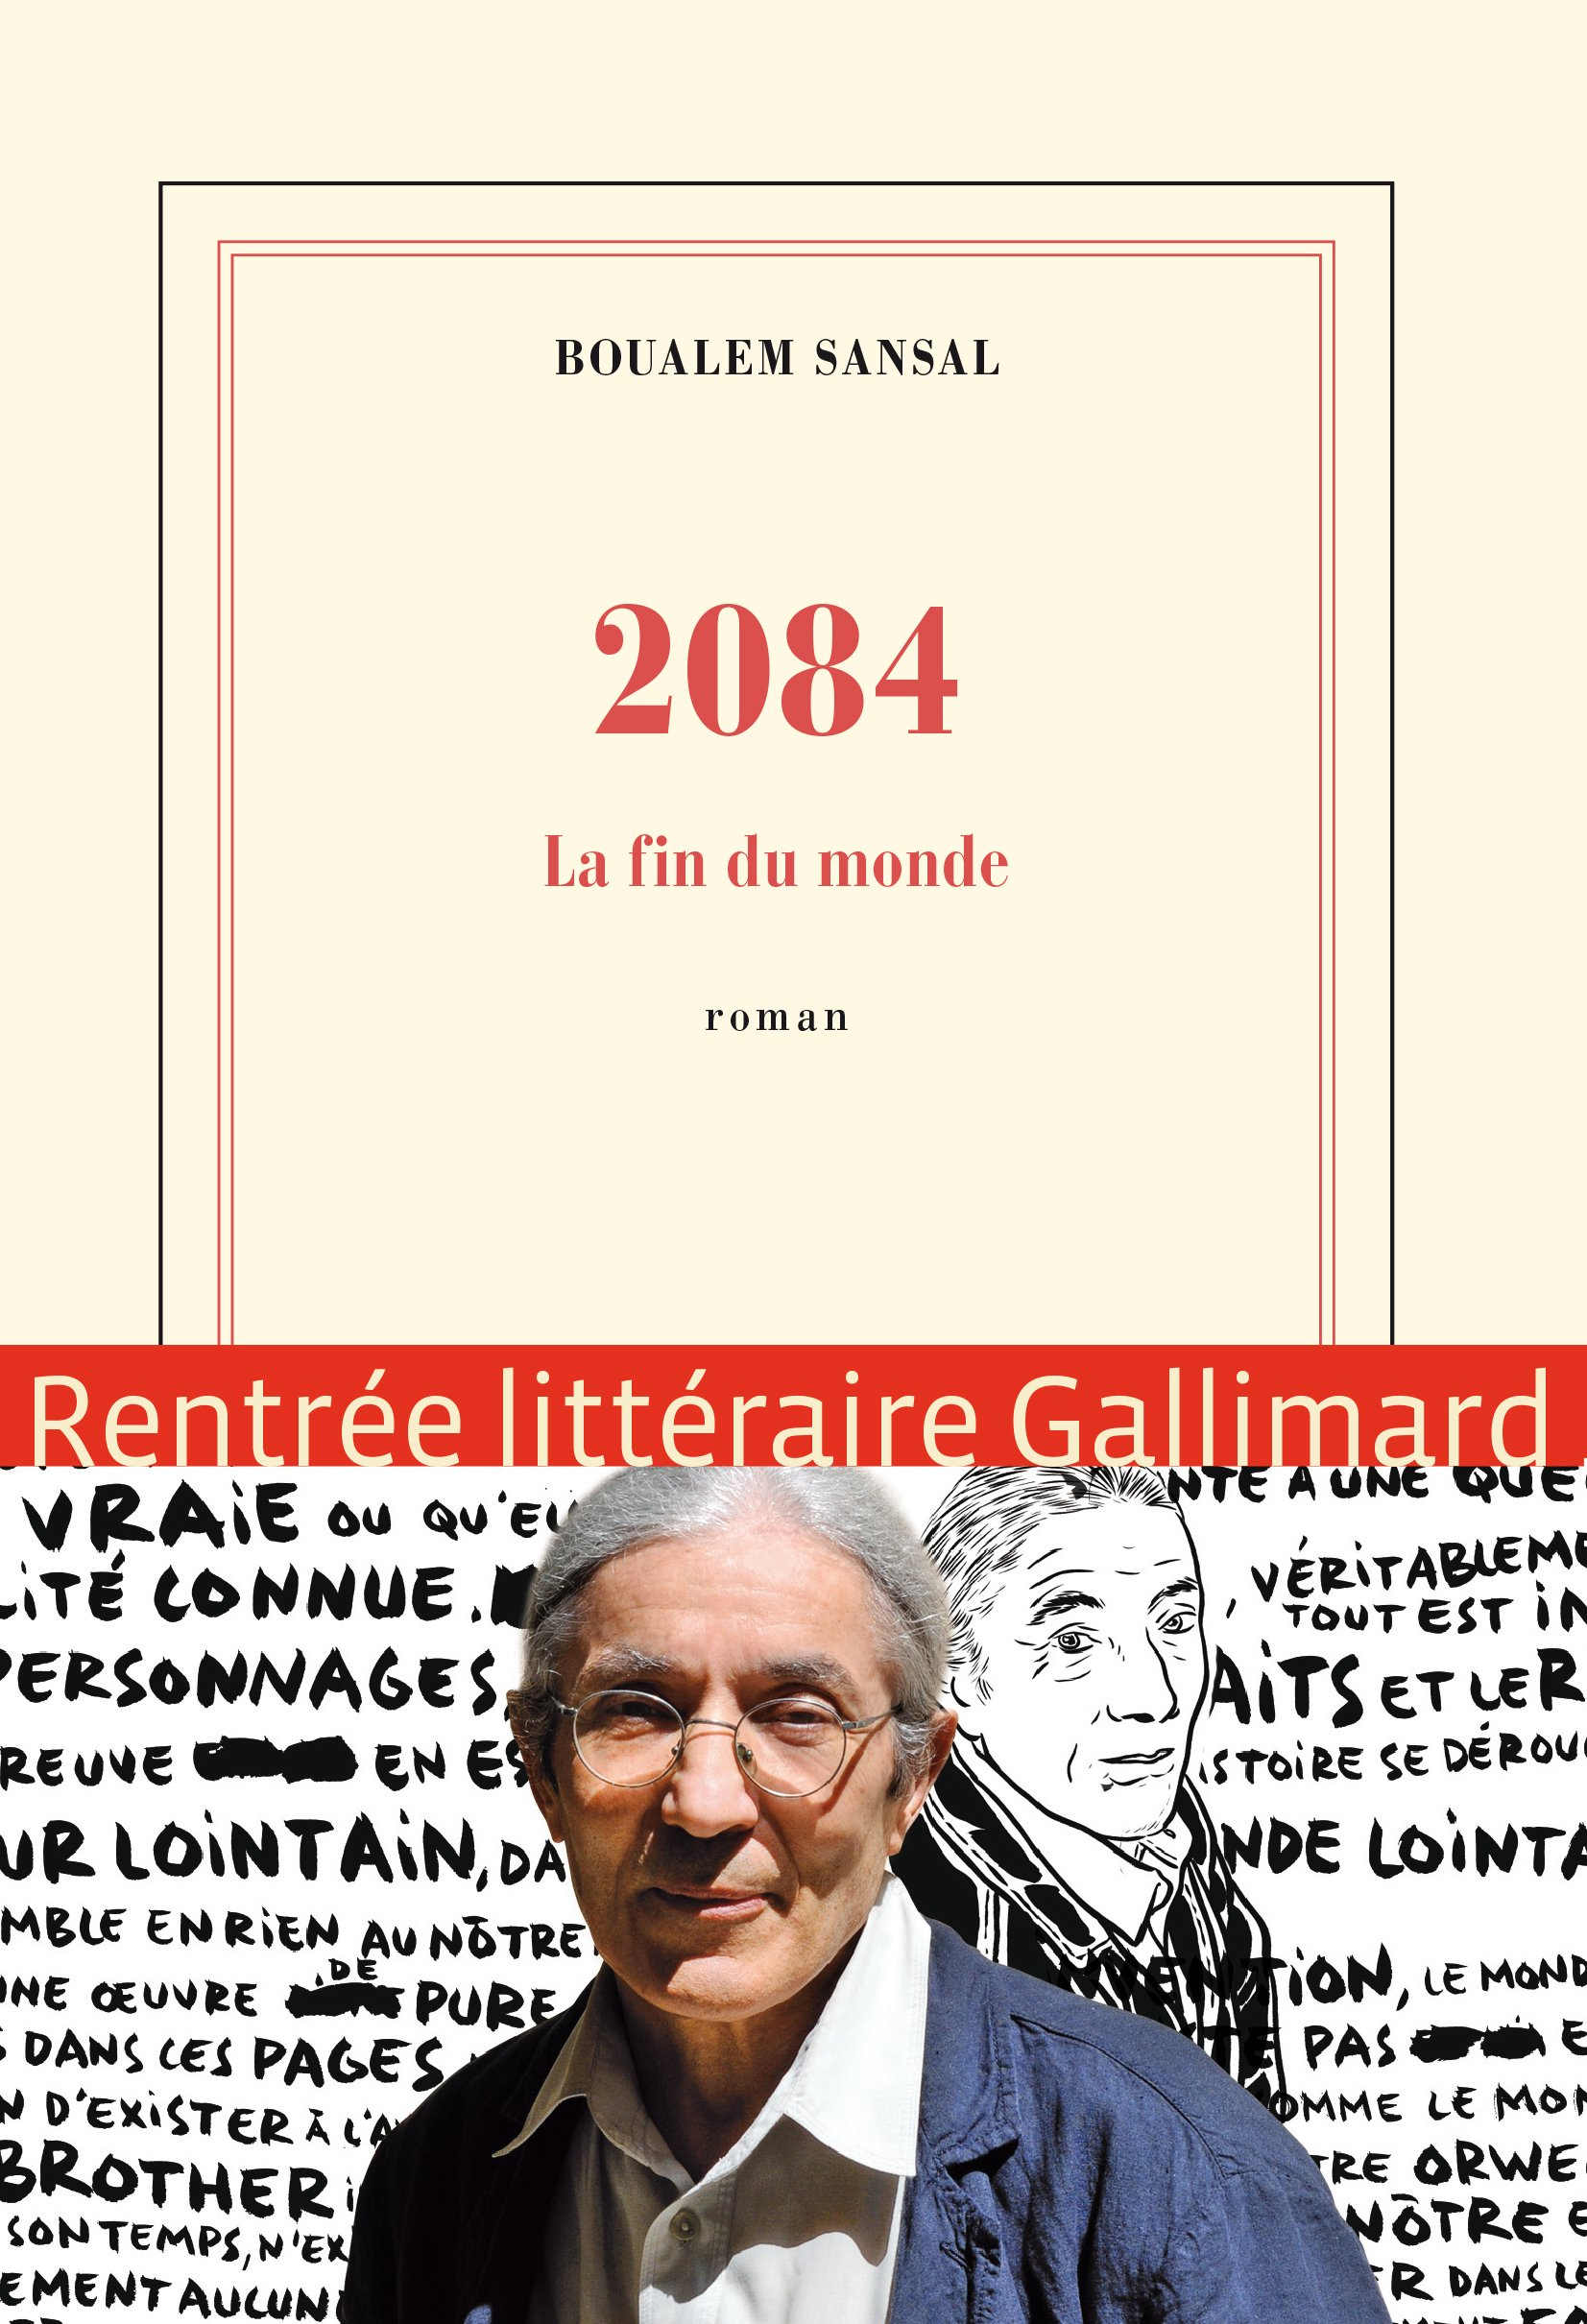 L'AVENIR DE L'HUMANITÉ  81ls8-1koUL